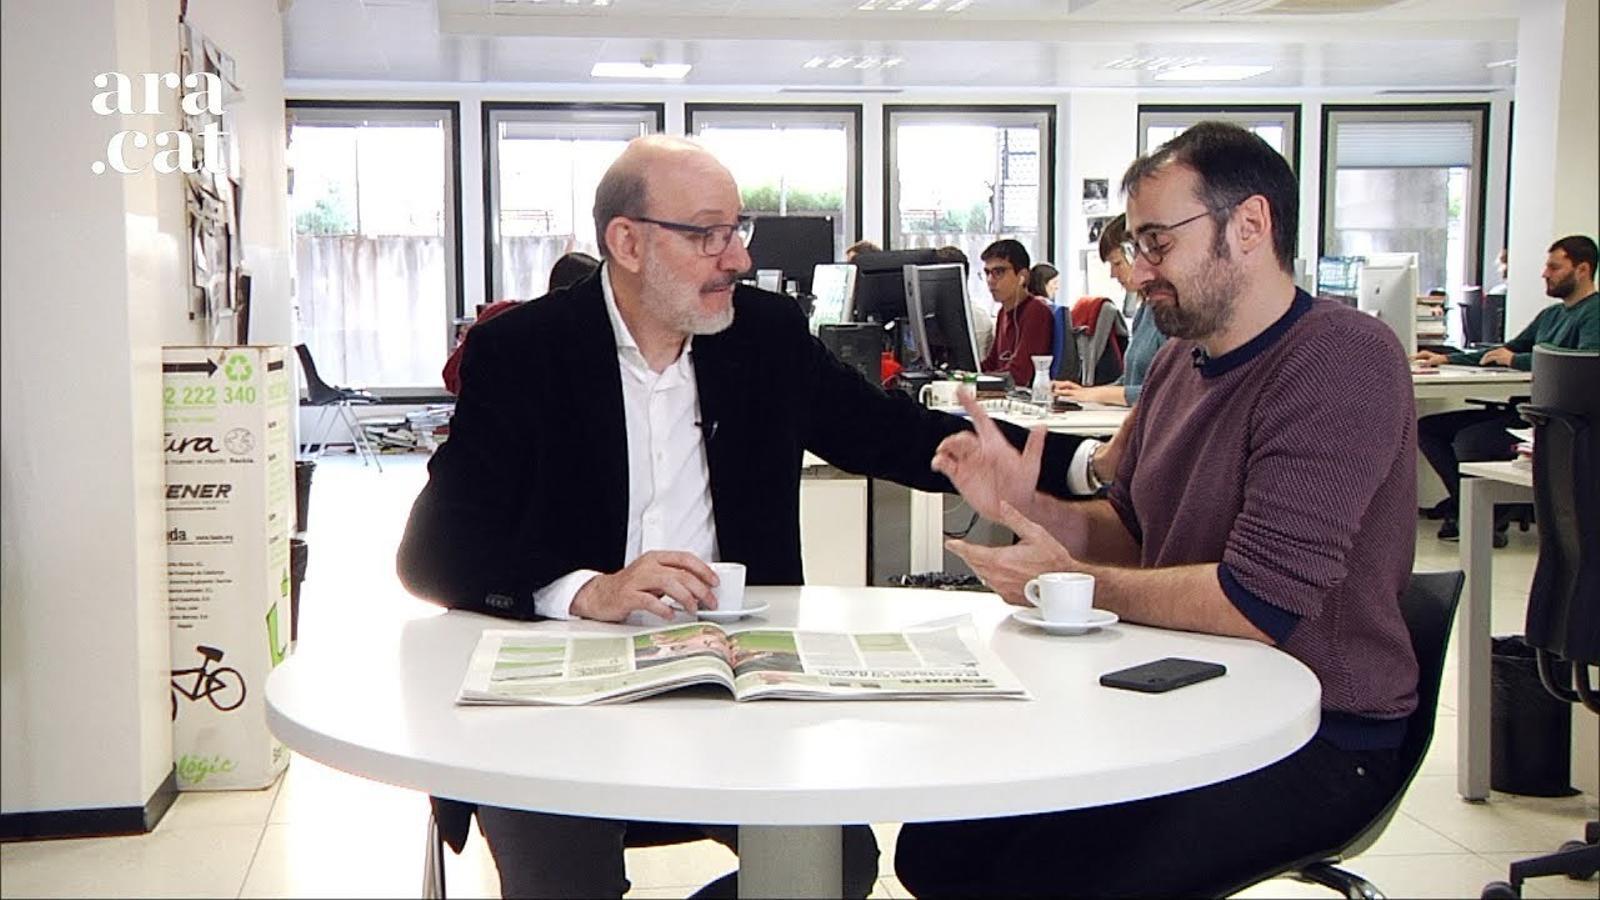 El cafè de la Lliga: per què parlem ara del futur de Valverde?